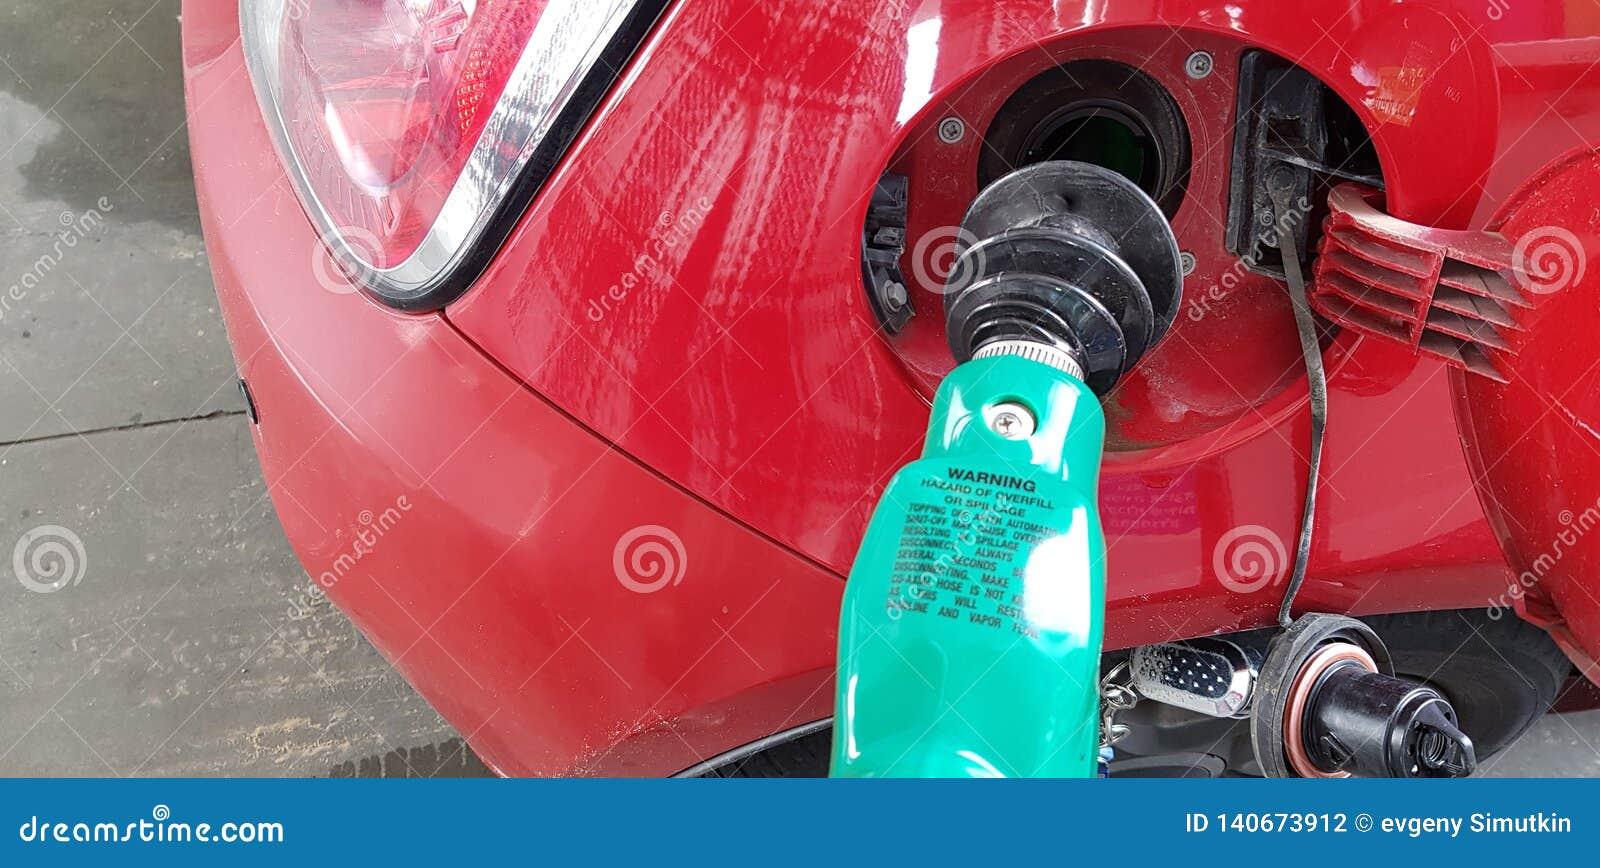 Rubberbrandstofpijp binnen de gashouder minisportwagen het vullen benzine in self - servicepost